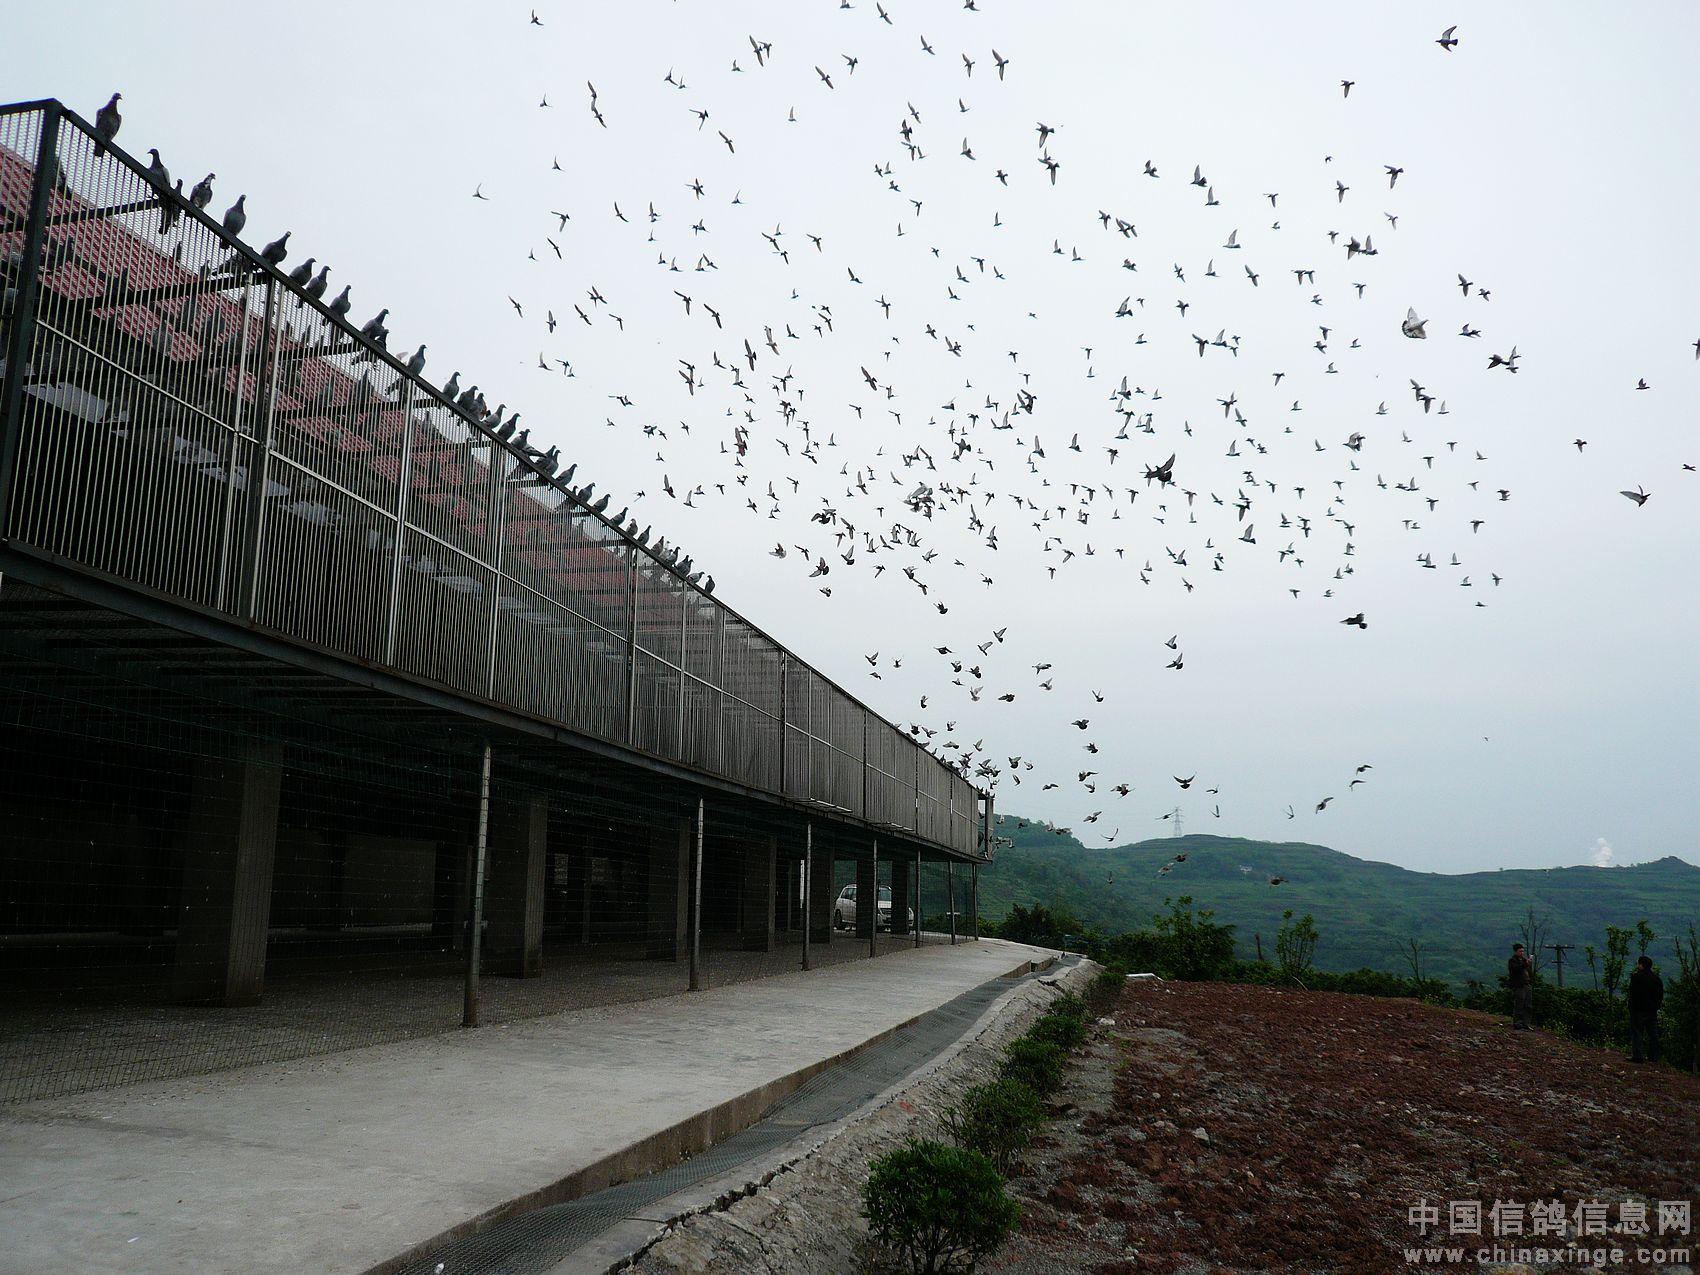 重庆赛鸽大联盟赛鸽中心最新生活照图片